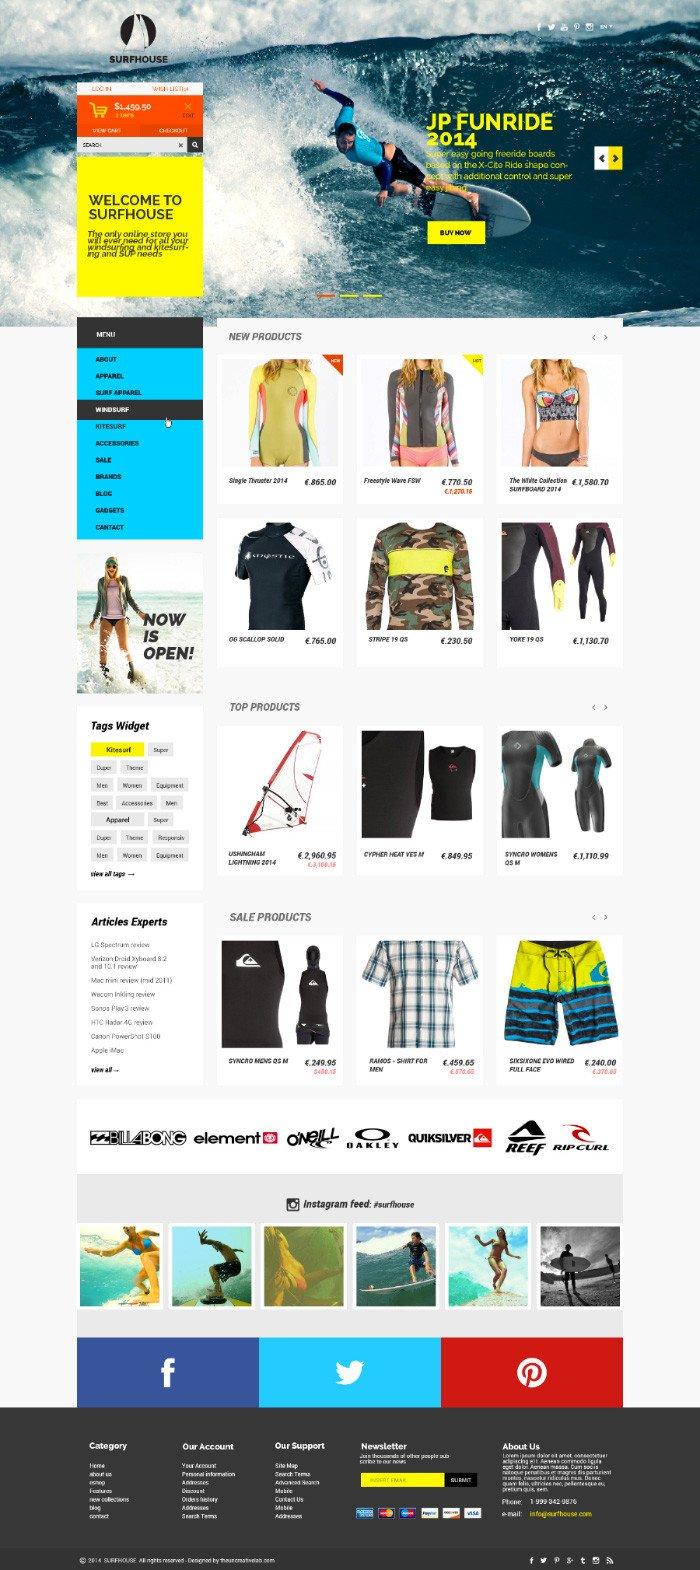 Surfhouse шаблон сайта (.Psd) скачать бесплатно